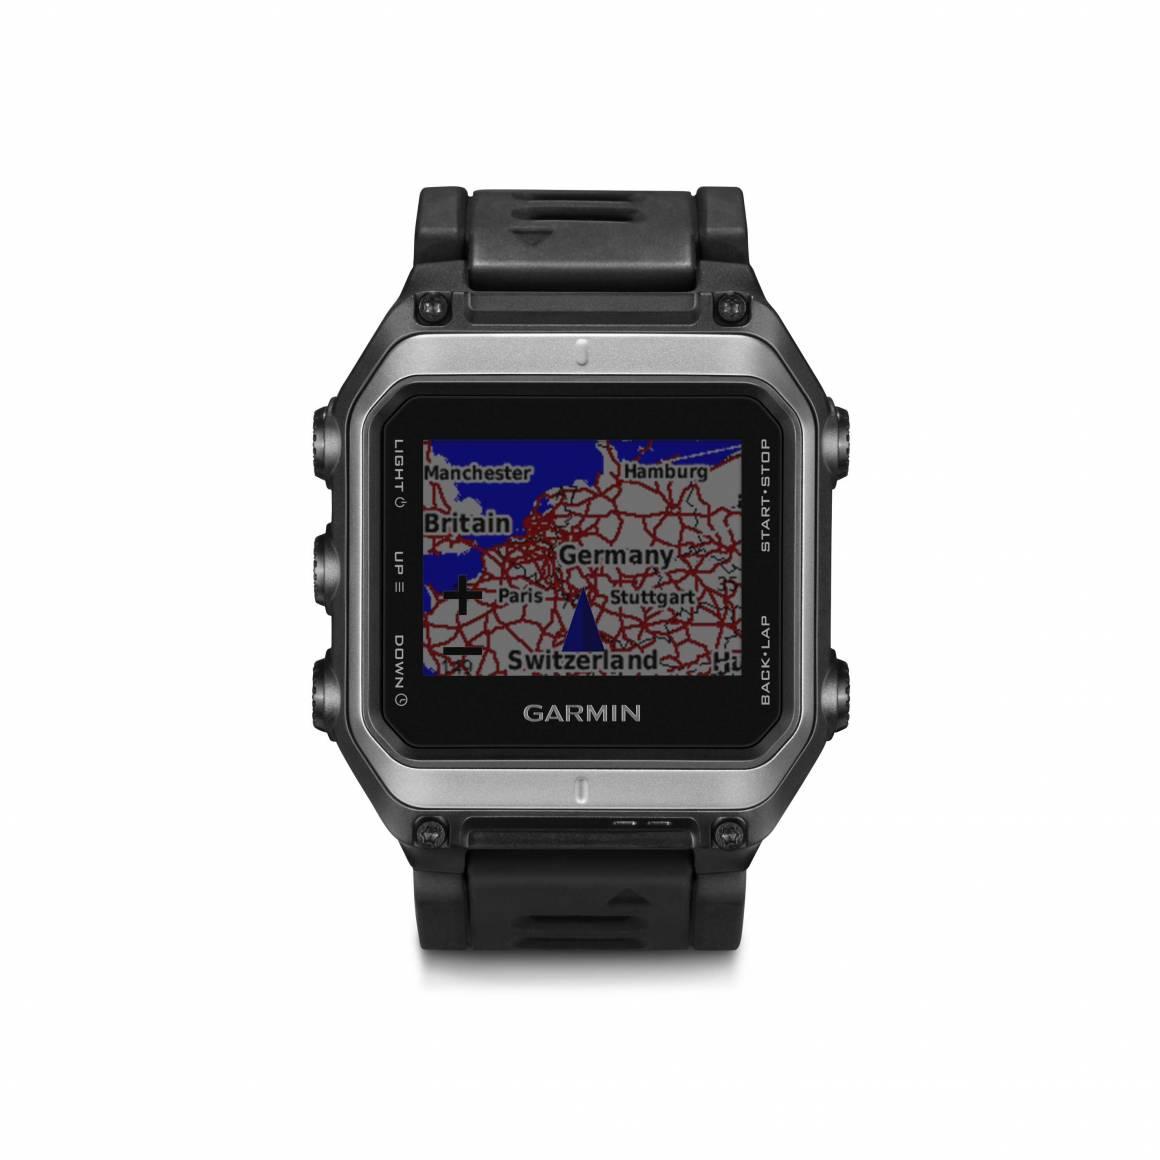 GARMIN EPIX  14 1160x1160 - Garmin presenta epix™, il primo GPS smartwatch da polso cartografico a colori